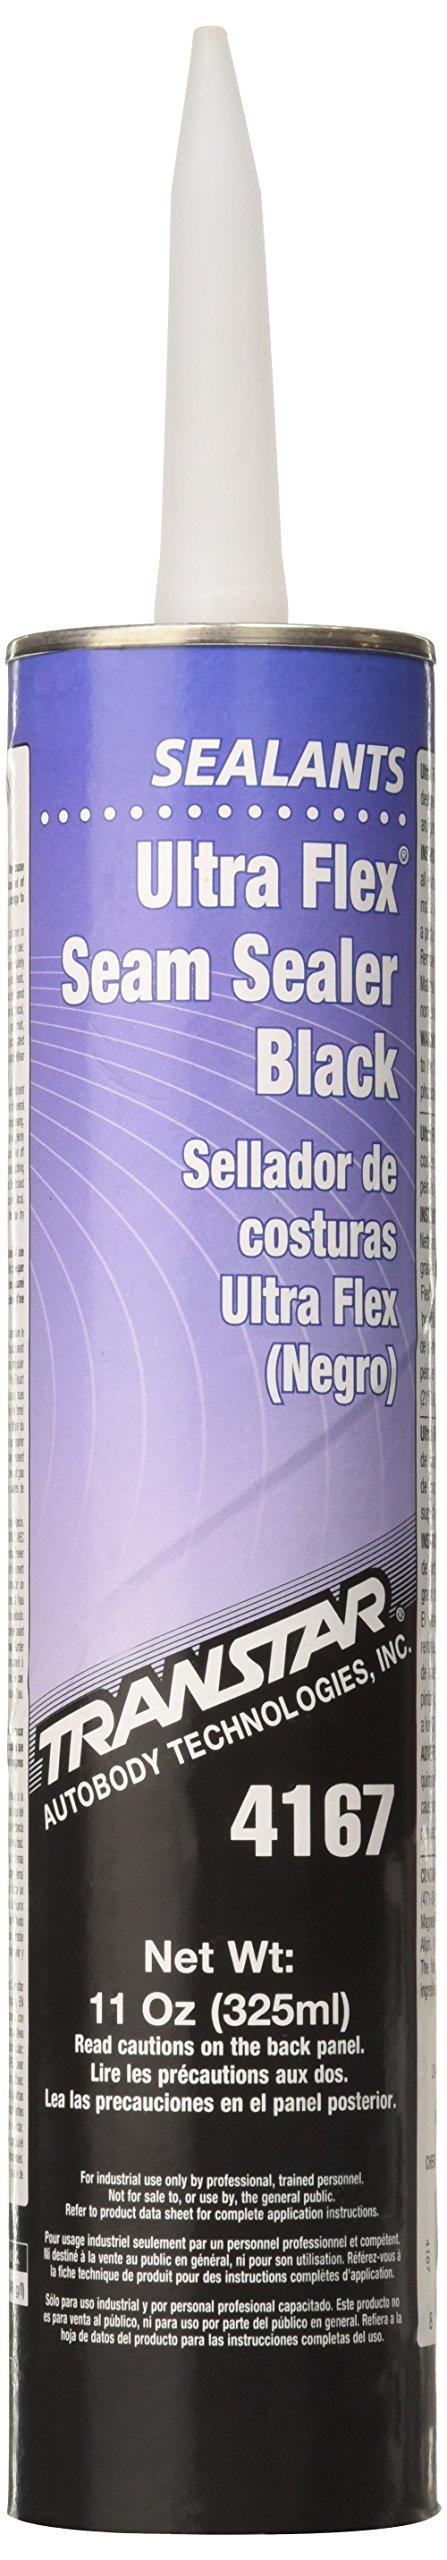 Transtar 4167 Ultra Flex Black Seam Sealer - 11 oz.